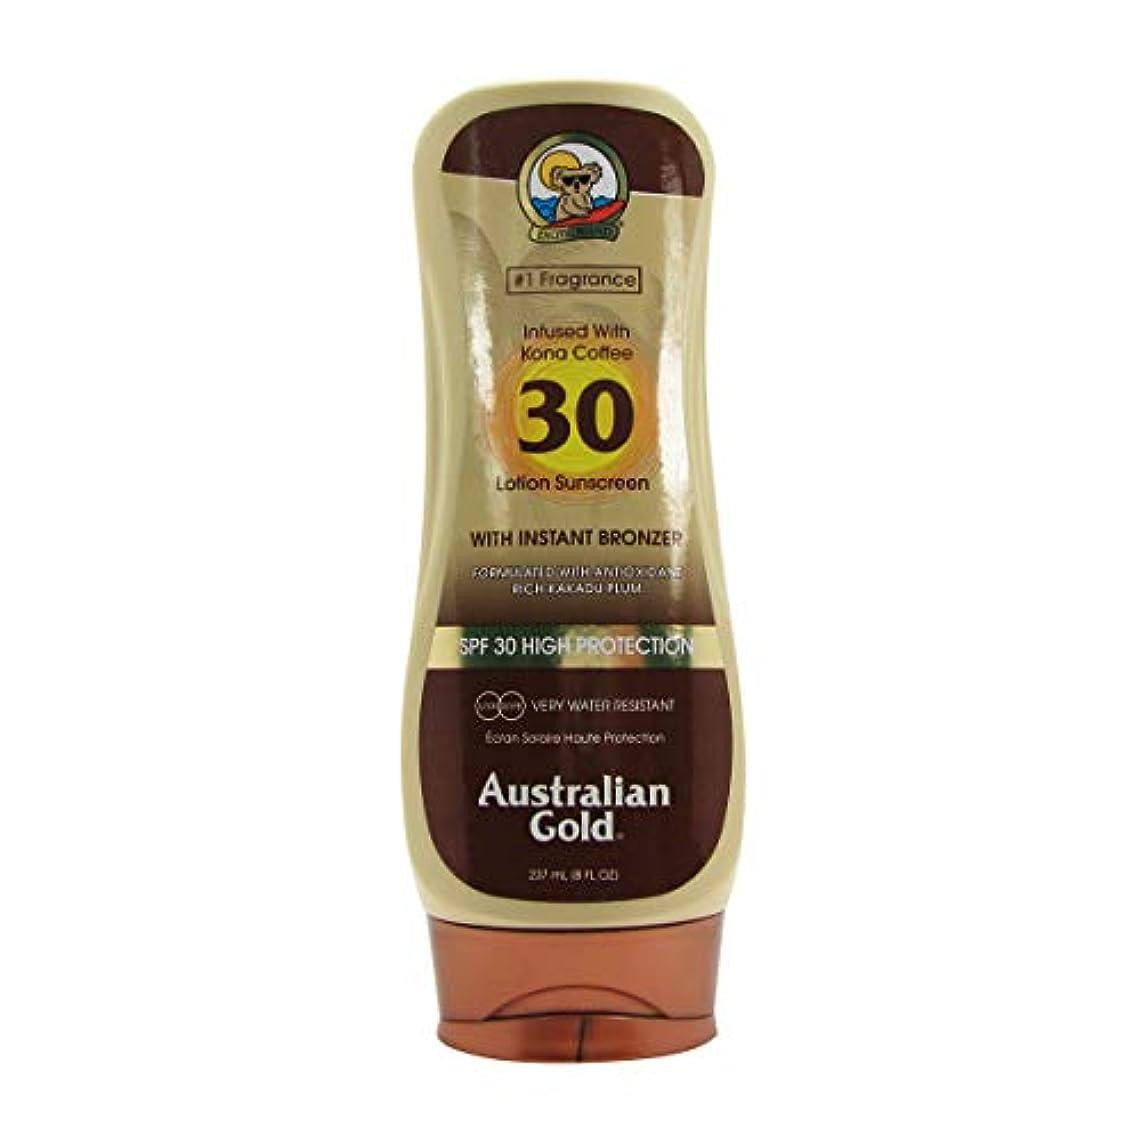 効能臭いまたはオーストラリアンゴールドローションSPF30インスタントブロンザー237ml